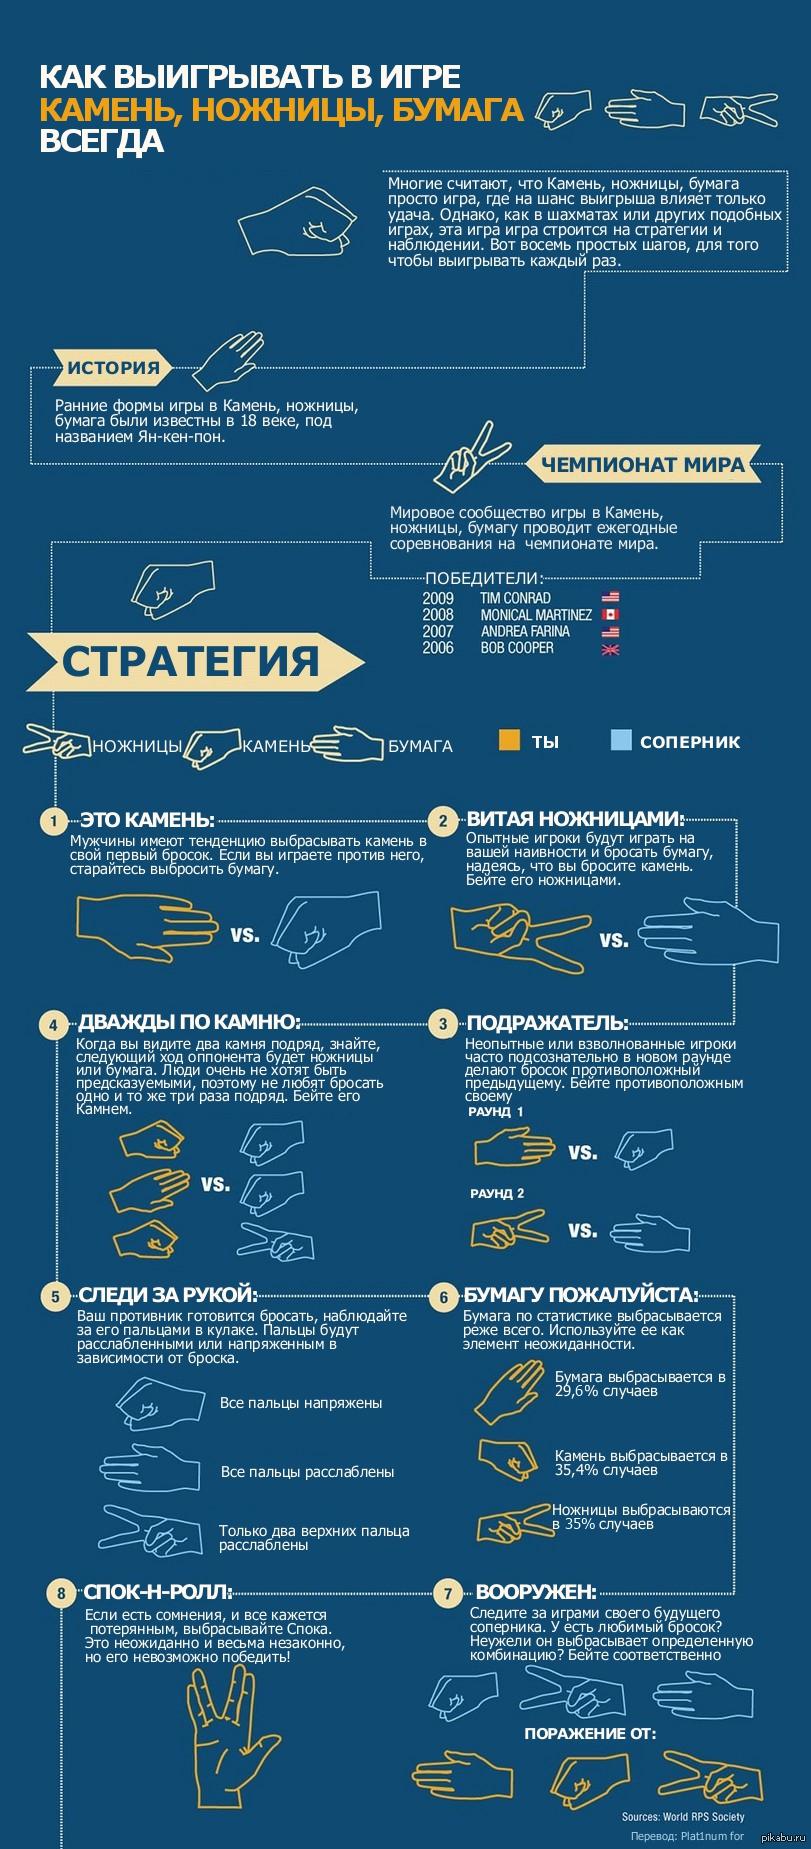 kamen-nozhnitsi-bumaga-eroticheskaya-igra